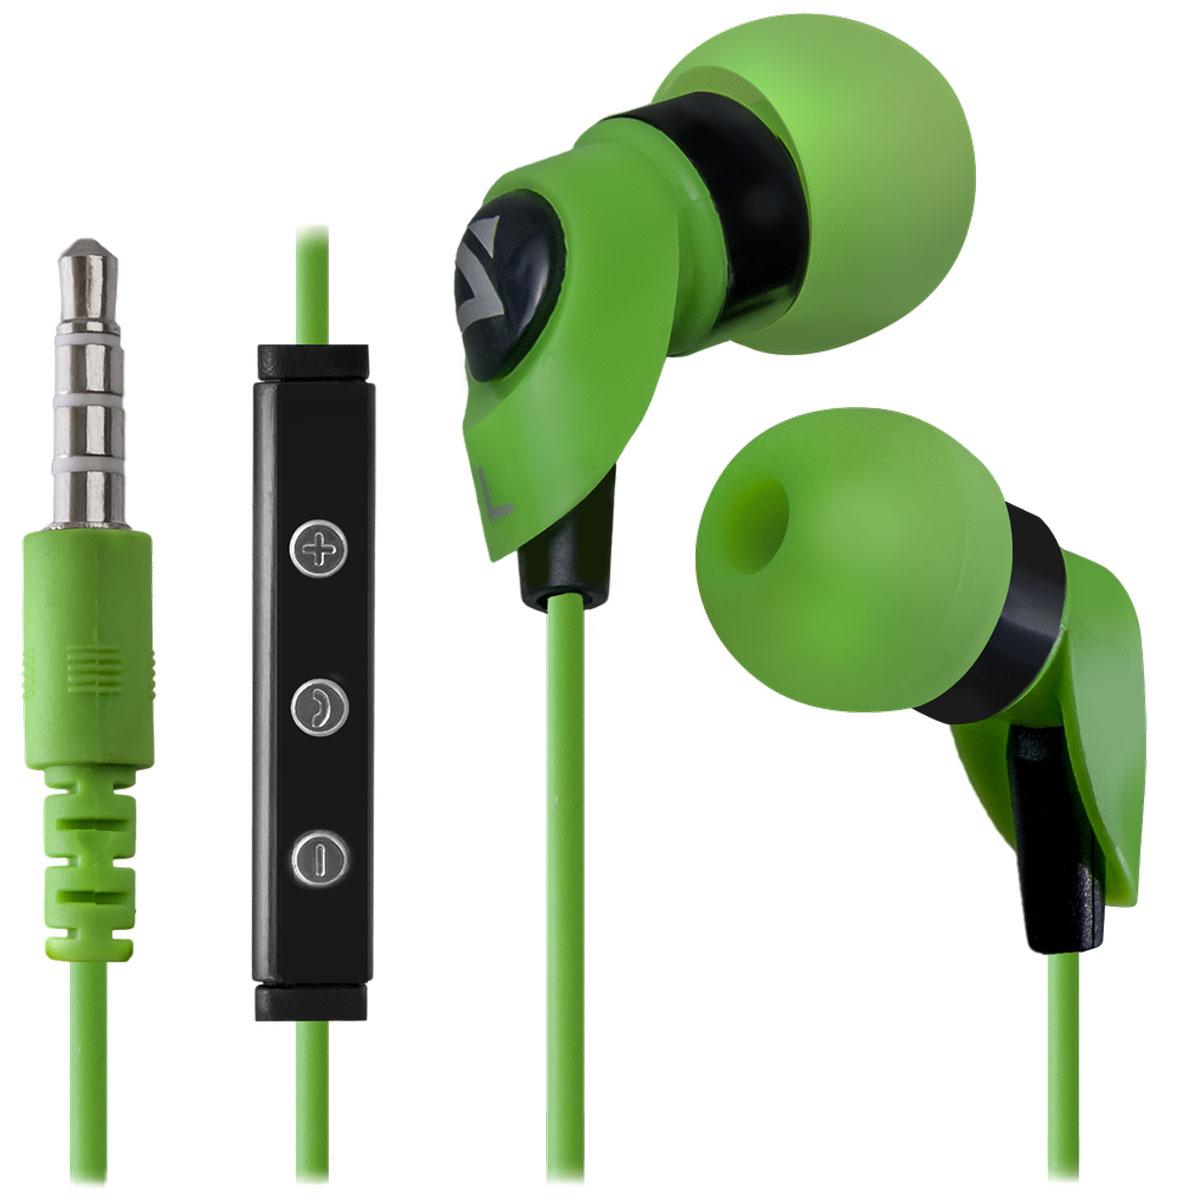 Defender Pulse 455, Green гарнитура для смартфонов63455Портативная стерео гарнитура Defender Pulse 455 идеальна для занятий спортом - она небольшая, легкая и отлично держится на голове во время активного отдыха. Кнопки регулировки громкости для Android, расположенные на кабеле, позволяют управлять смартфоном и медиаплеером, в том числе регулировать громкость устройства. Пульт полностью совместим с устройствами Samsung, Sony, LG под управлением Android. Слушайте любимую музыку и аудиокниги в дороге - ничто не будет вам мешать благодаря отличной звукоизоляции наушников! Частотный диапазон микрофона: 20 Гц - 16 кГц Сопротивление микрофона: 2,2 кОм Совместимы со смартфонами Samsung, Sony, LG и другими Android-смартфонами